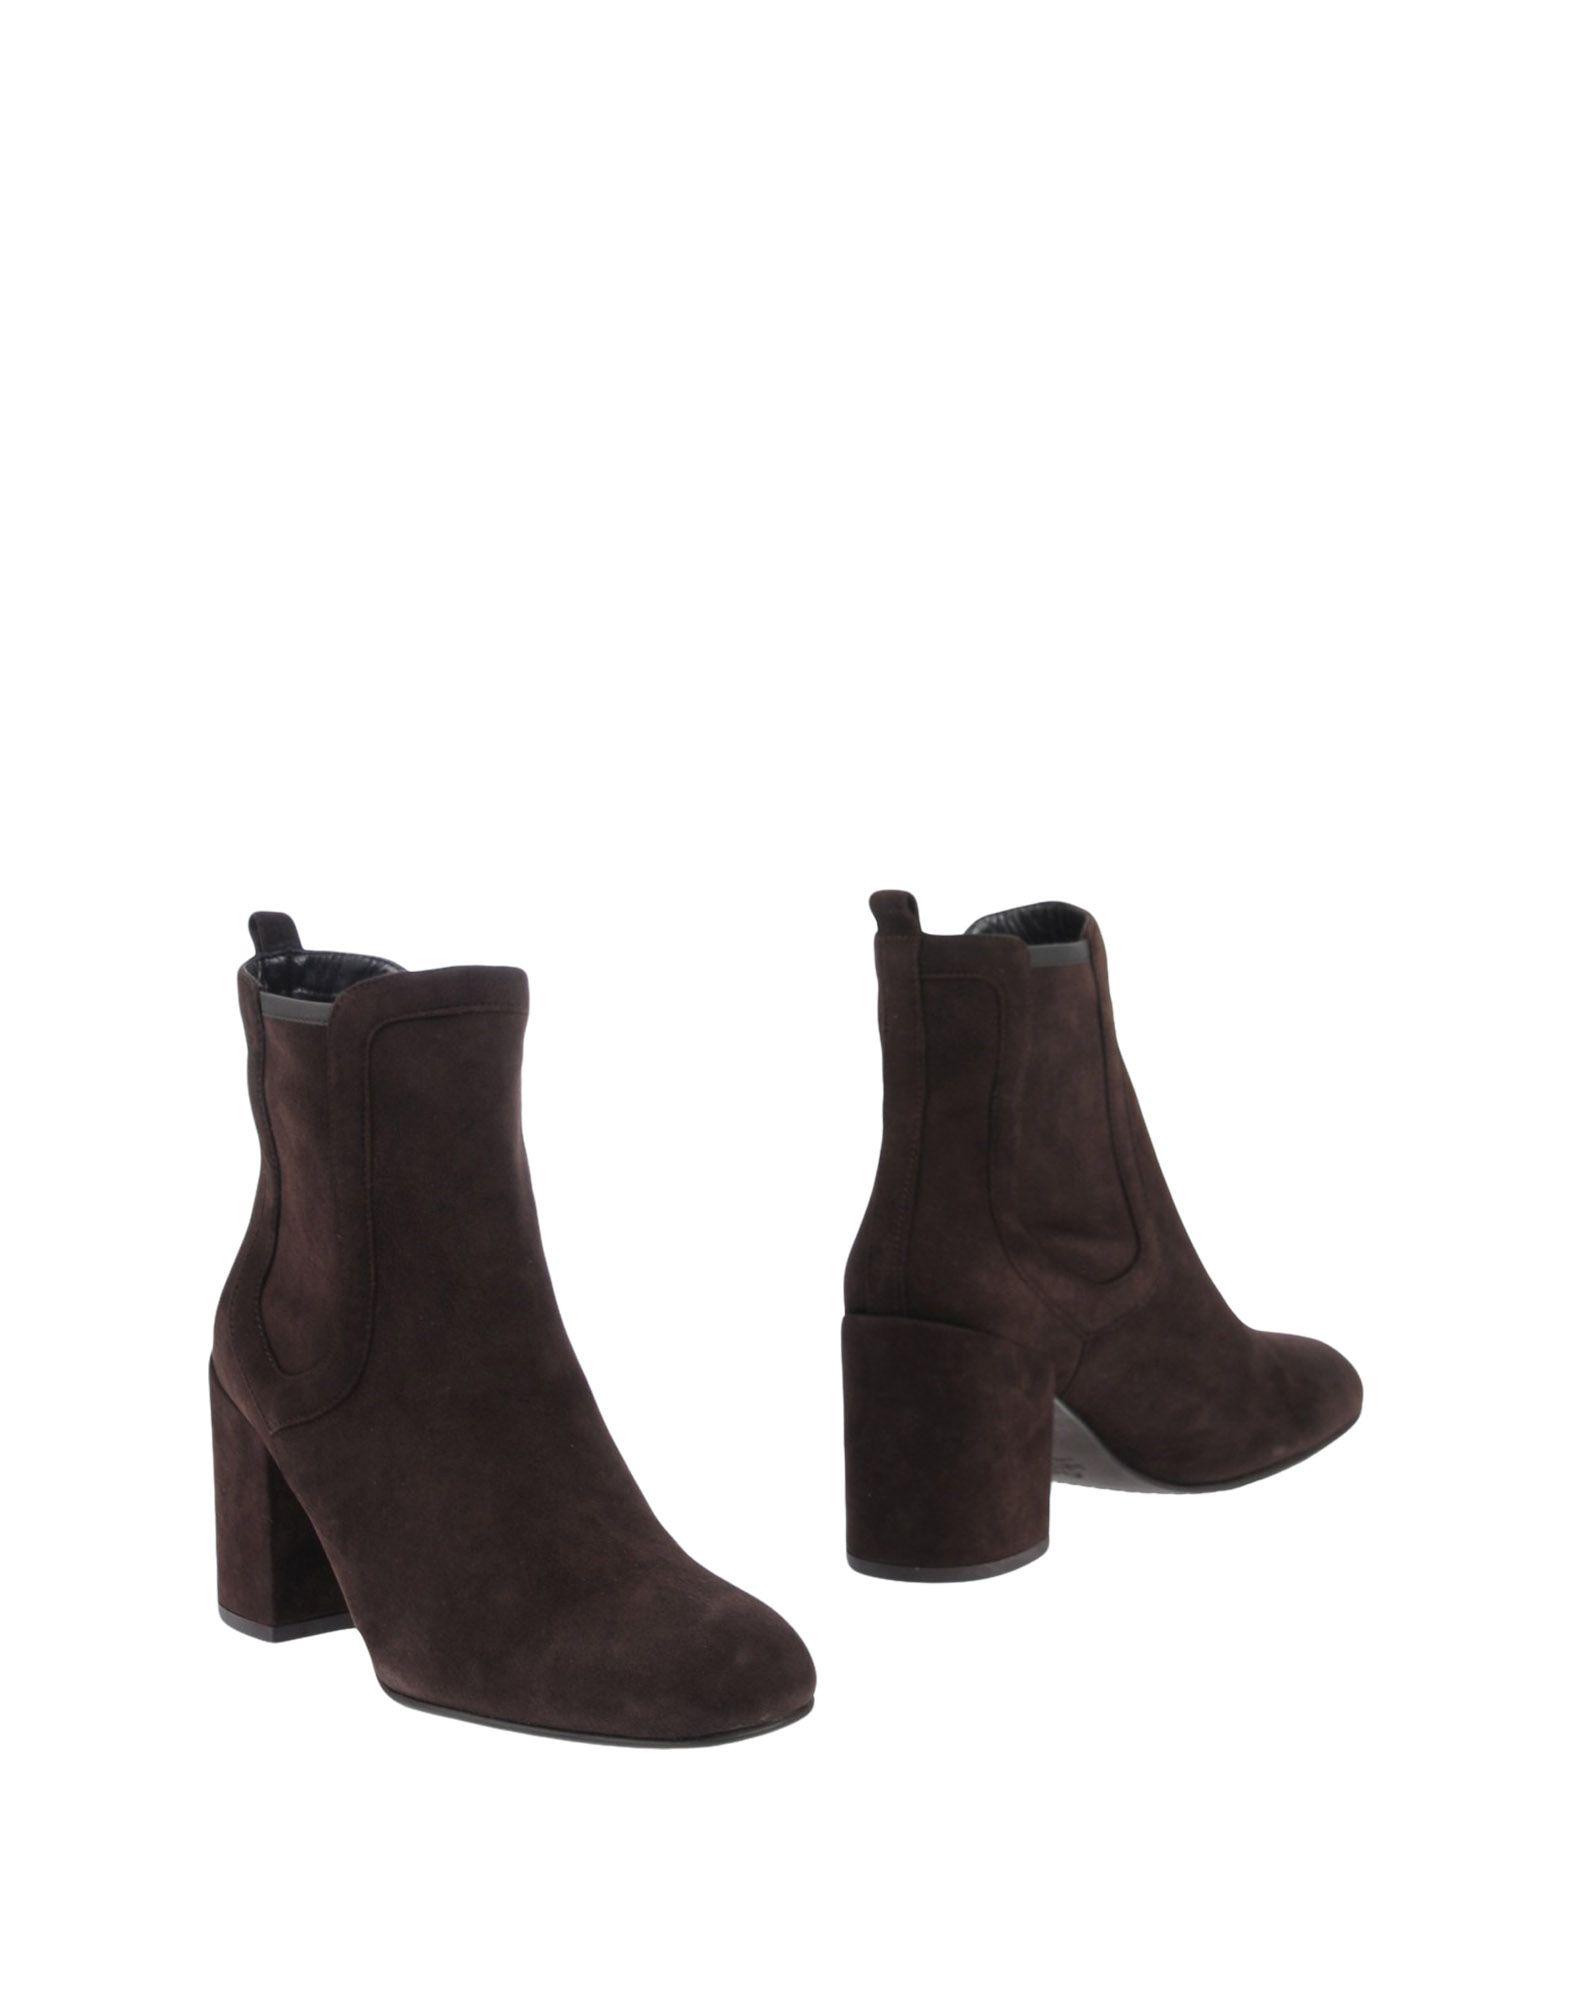 Stuart Weitzman Stiefelette Damen  Schuhe 11498113MUGünstige gut aussehende Schuhe  f515bb